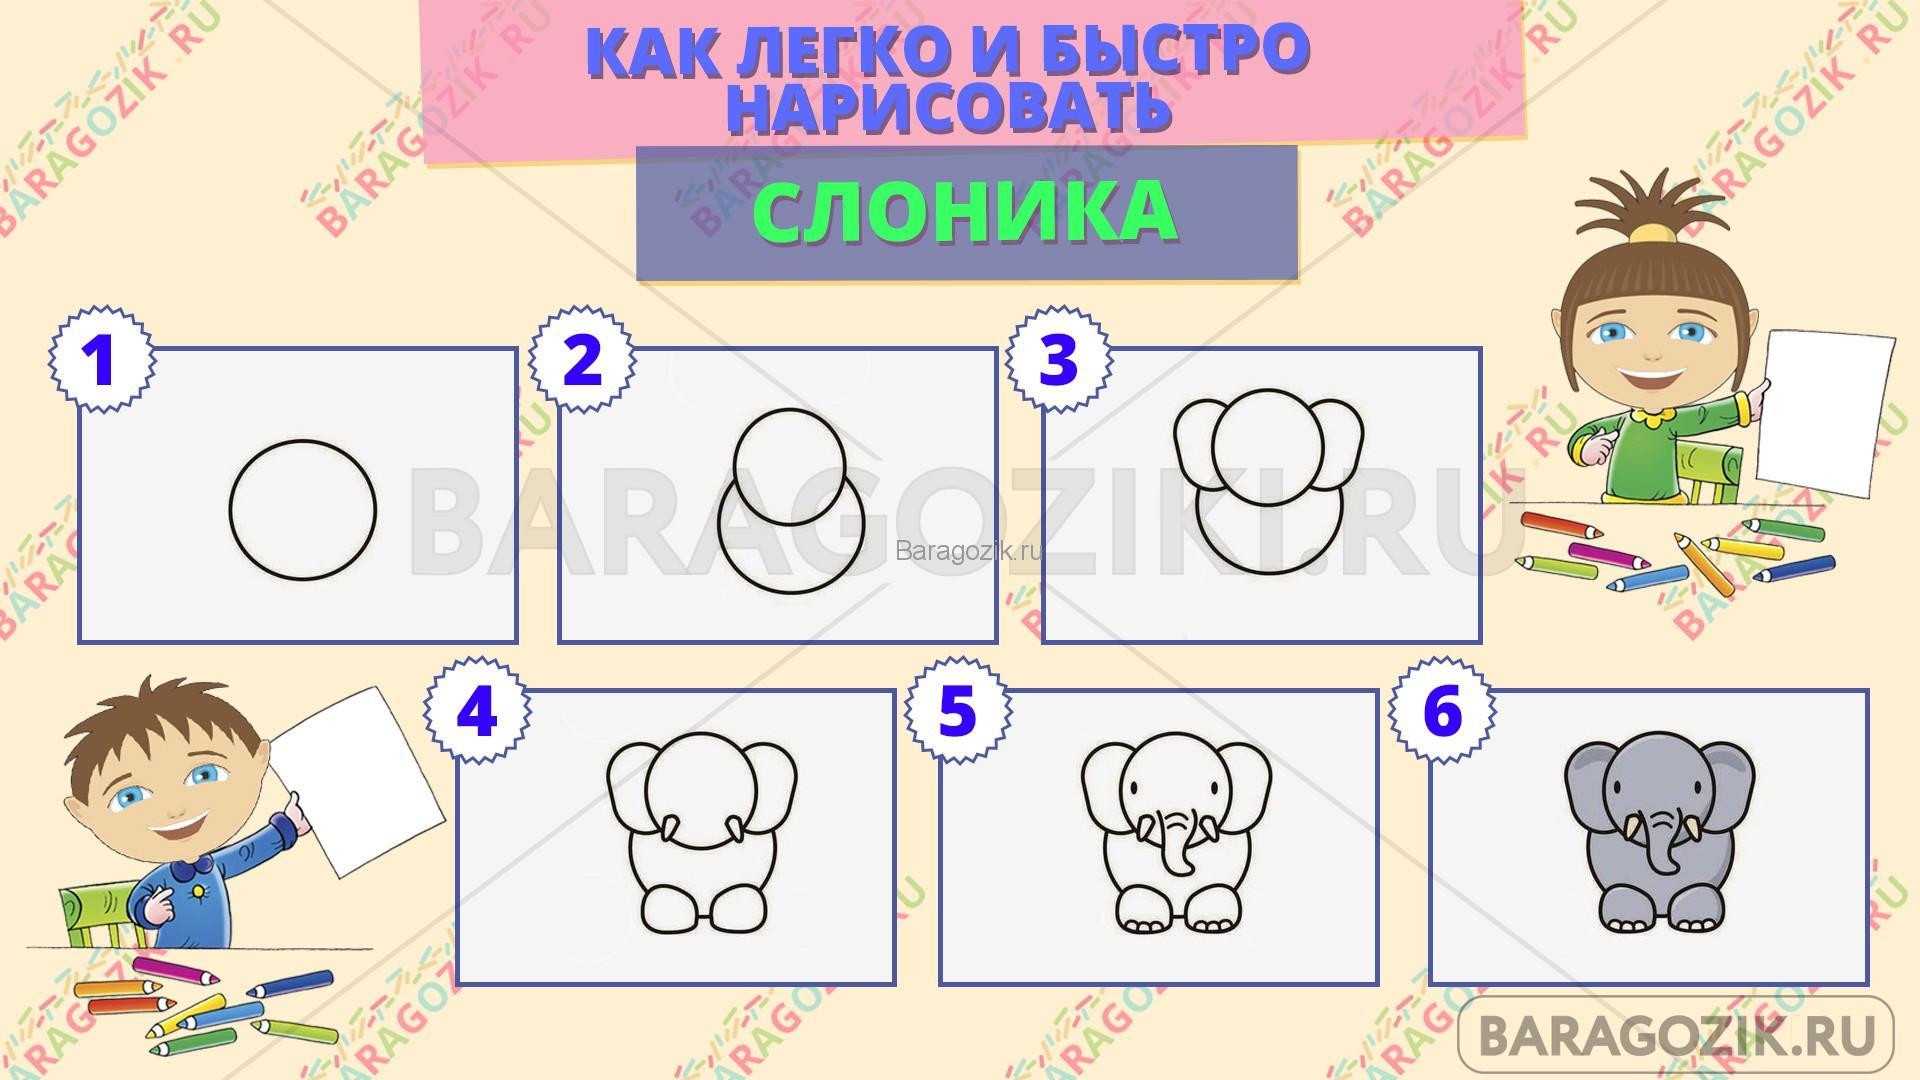 как легко нарисовать слоника - пошаговая схема